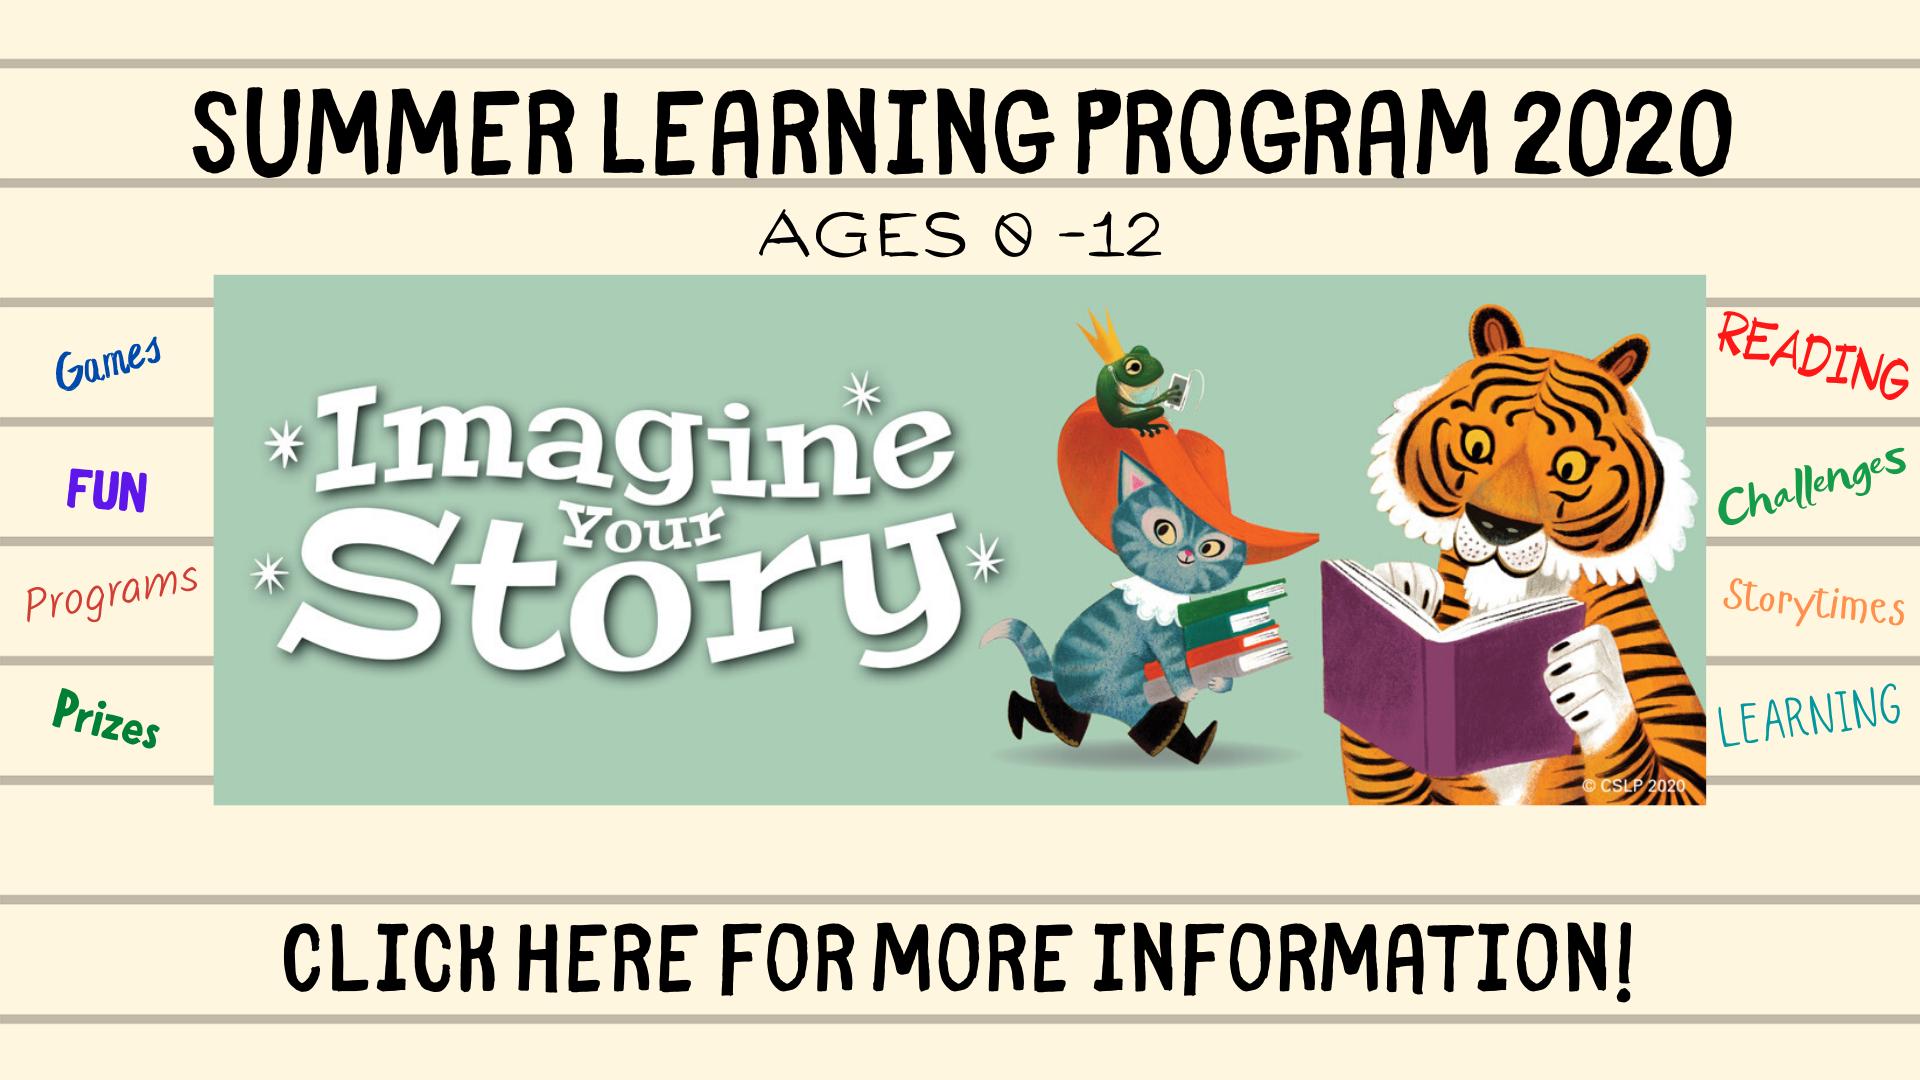 Summer Learning Program 2020